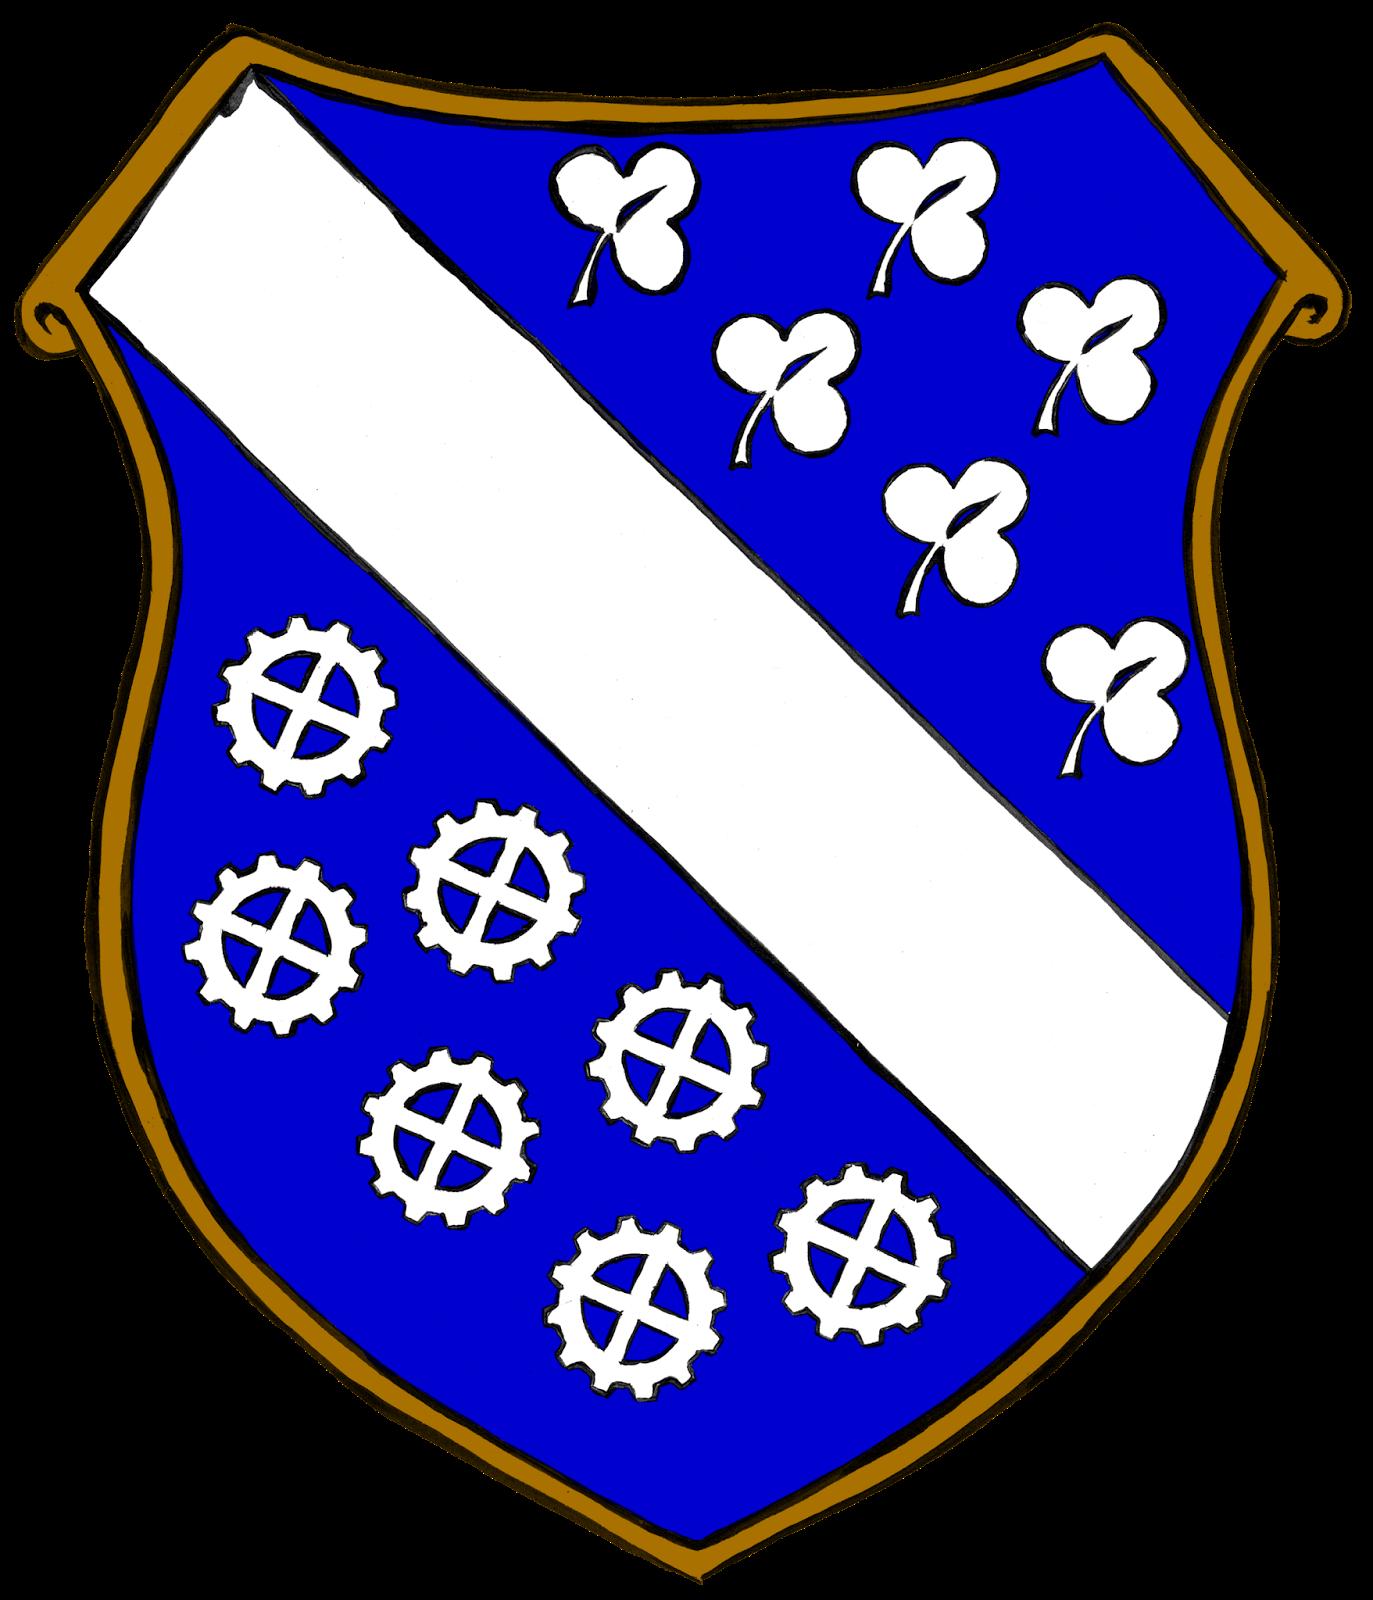 Casseler Steampunk-Wappen coloriert